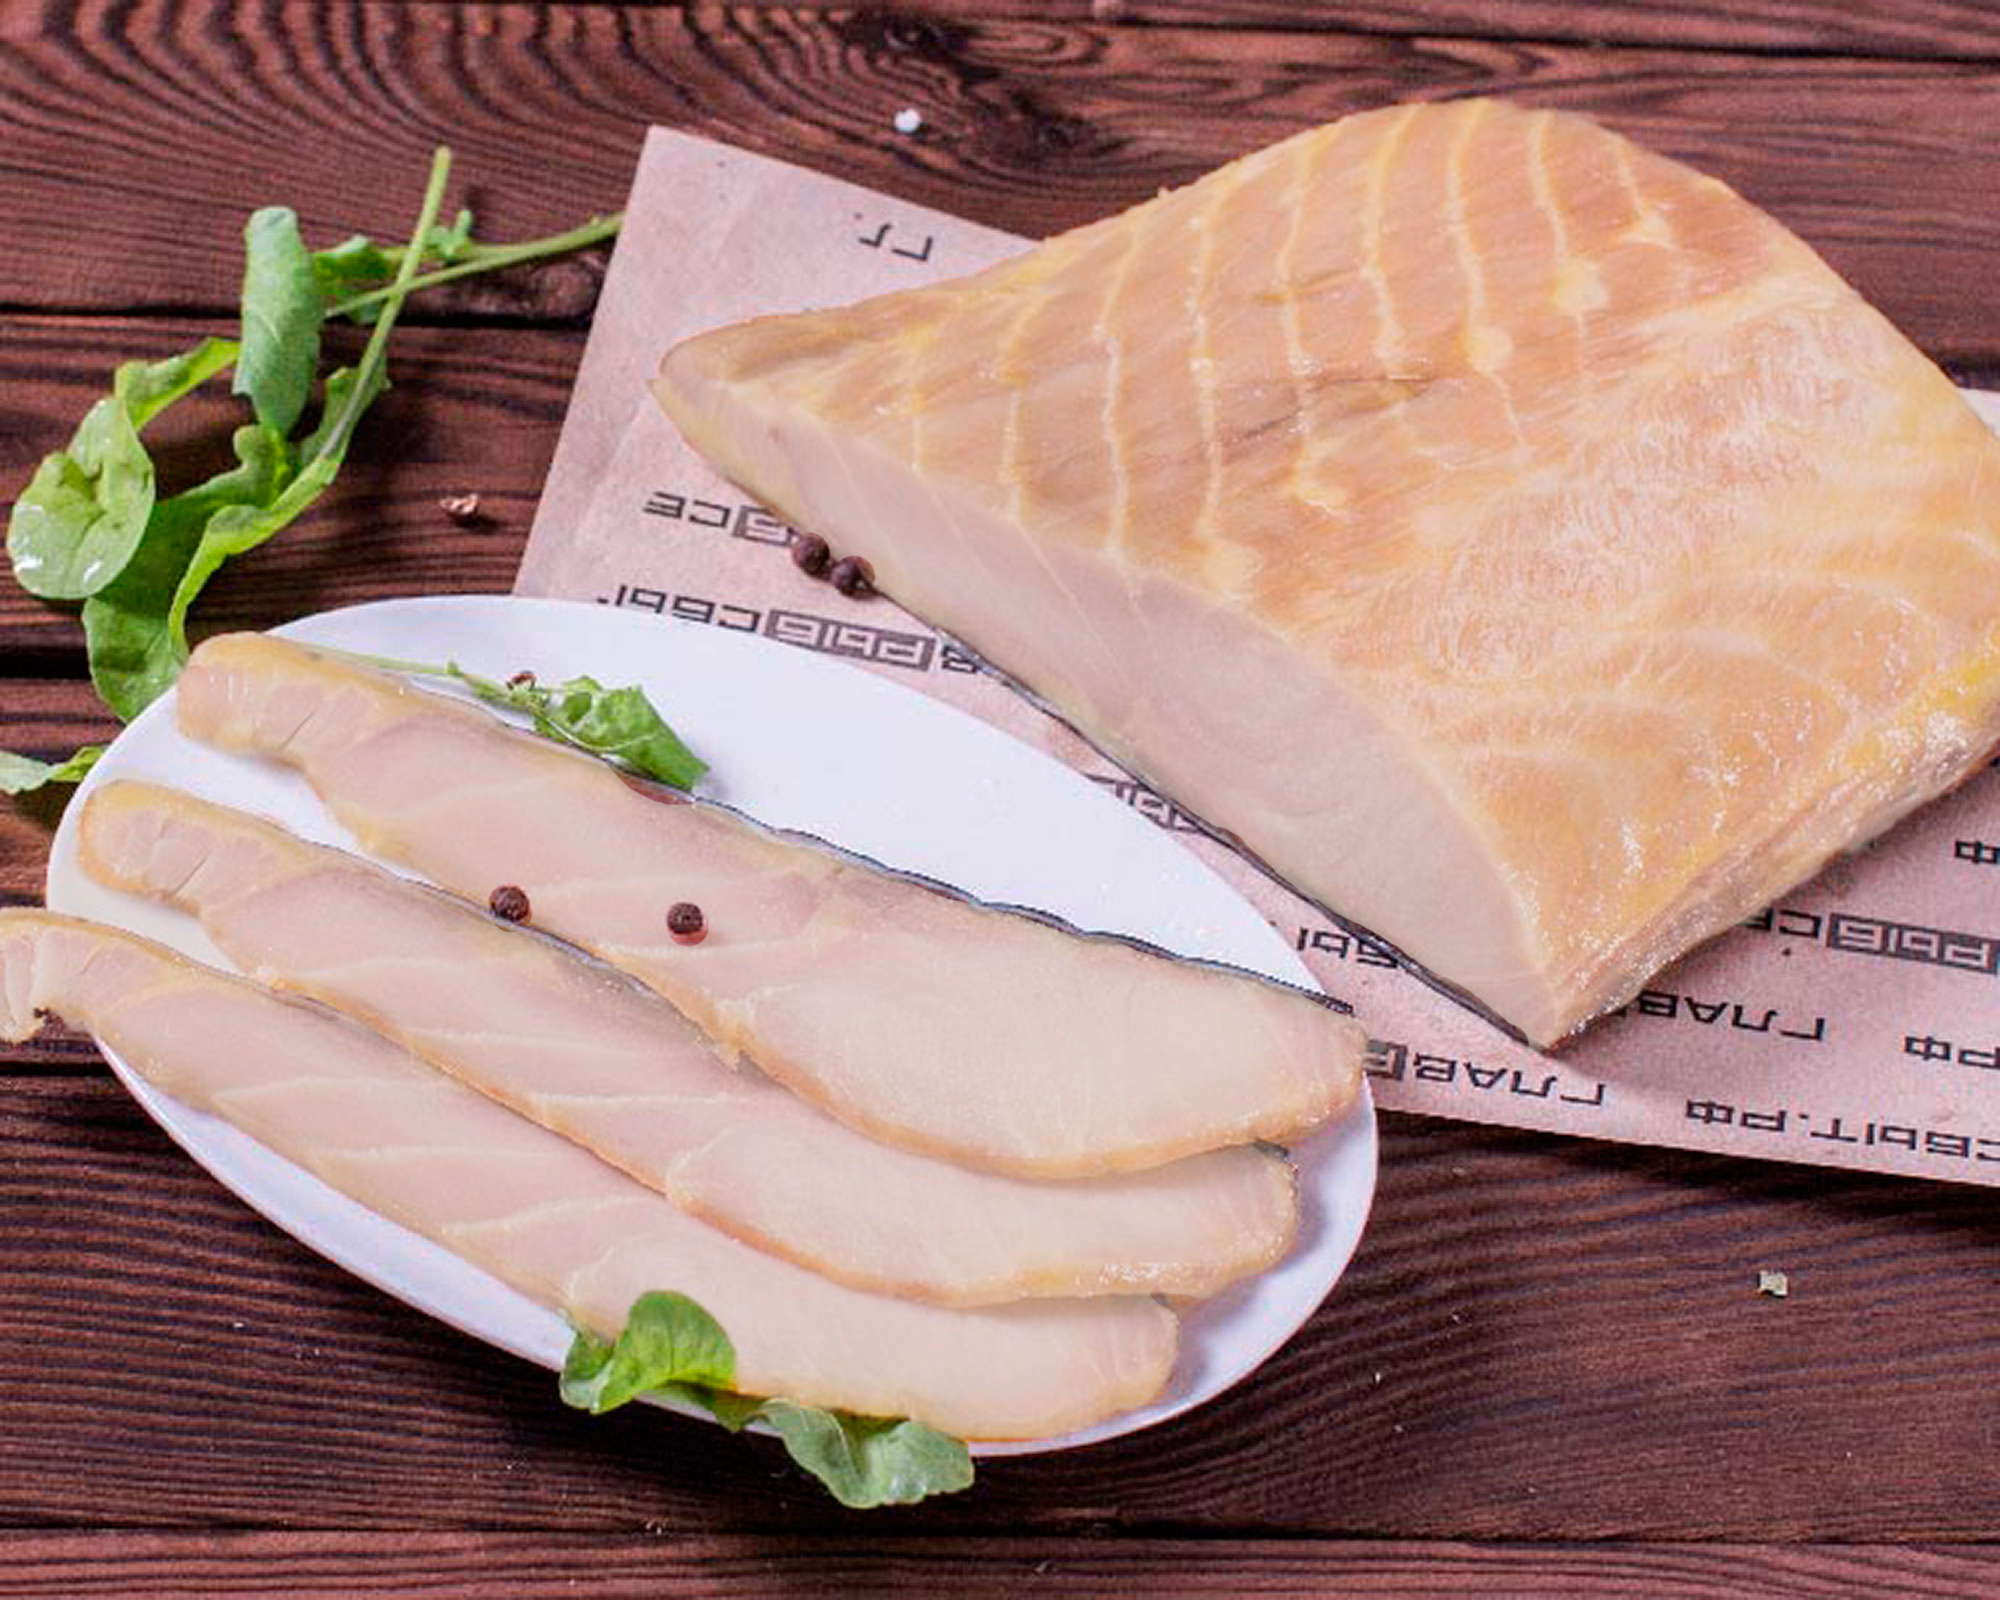 В составе этого питательного продукта имеется множество полезных микроэлементов: кальций.